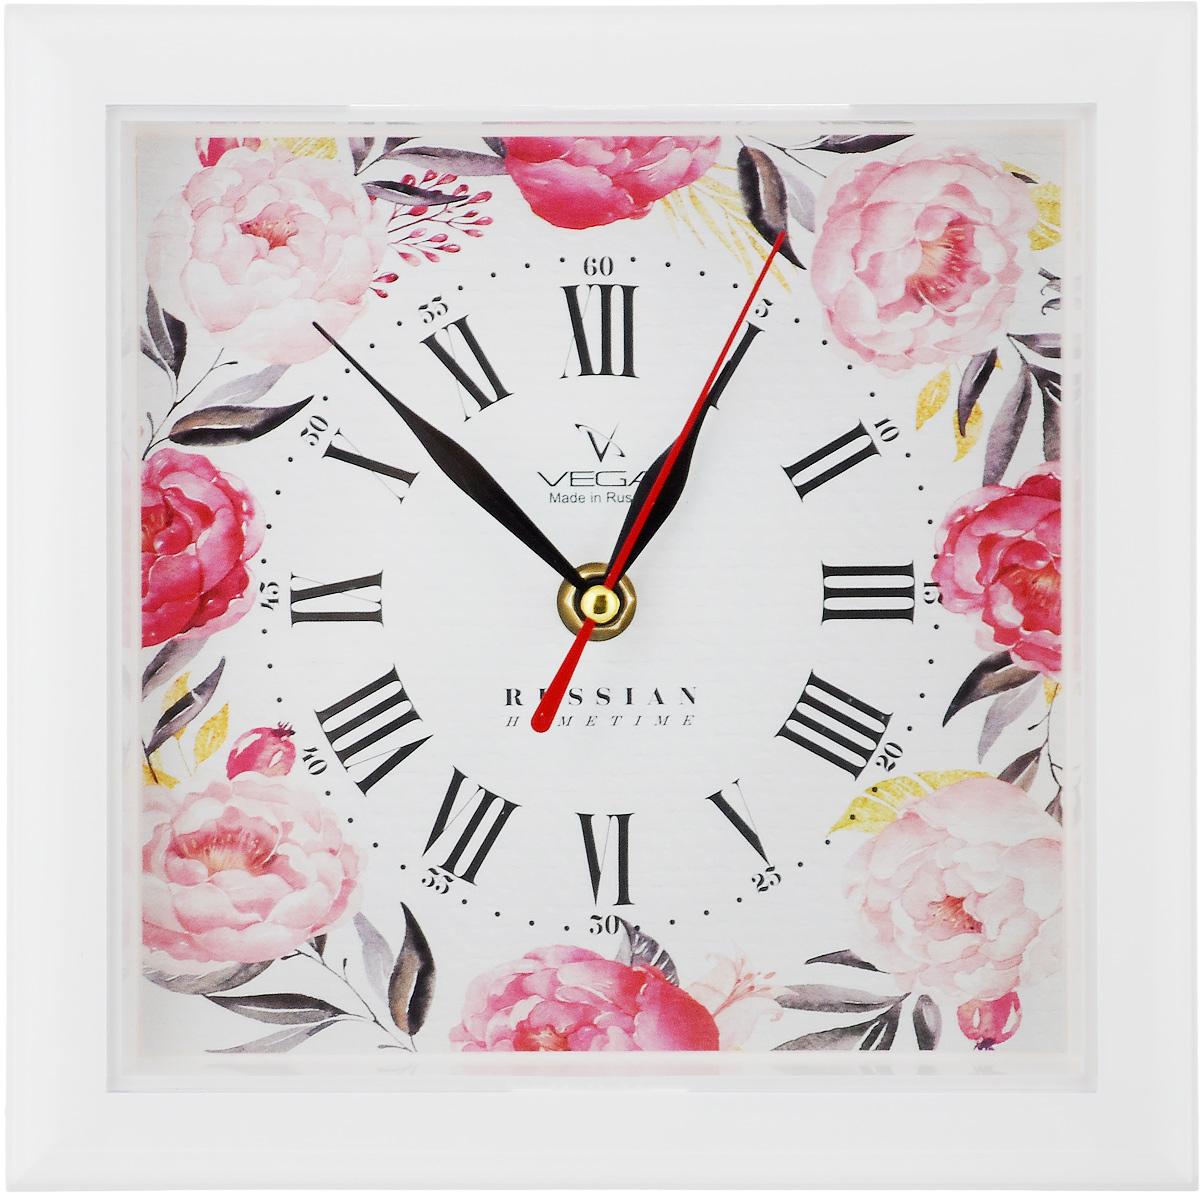 Часы настенные Вега Пионы, 20,6 х 20,6 х 4 смП3-7-128Настенные кварцевые часы Вега Пионы в классическом дизайне, изготовленные из пластика, прекрасно впишутся в интерьер вашего дома. Квадратные часы имеют три стрелки: часовую, минутную и секундную, циферблат защищен прозрачным пластиком. Часы работают от 1 батарейки типа АА напряжением 1,5 В (не входит в комплект).